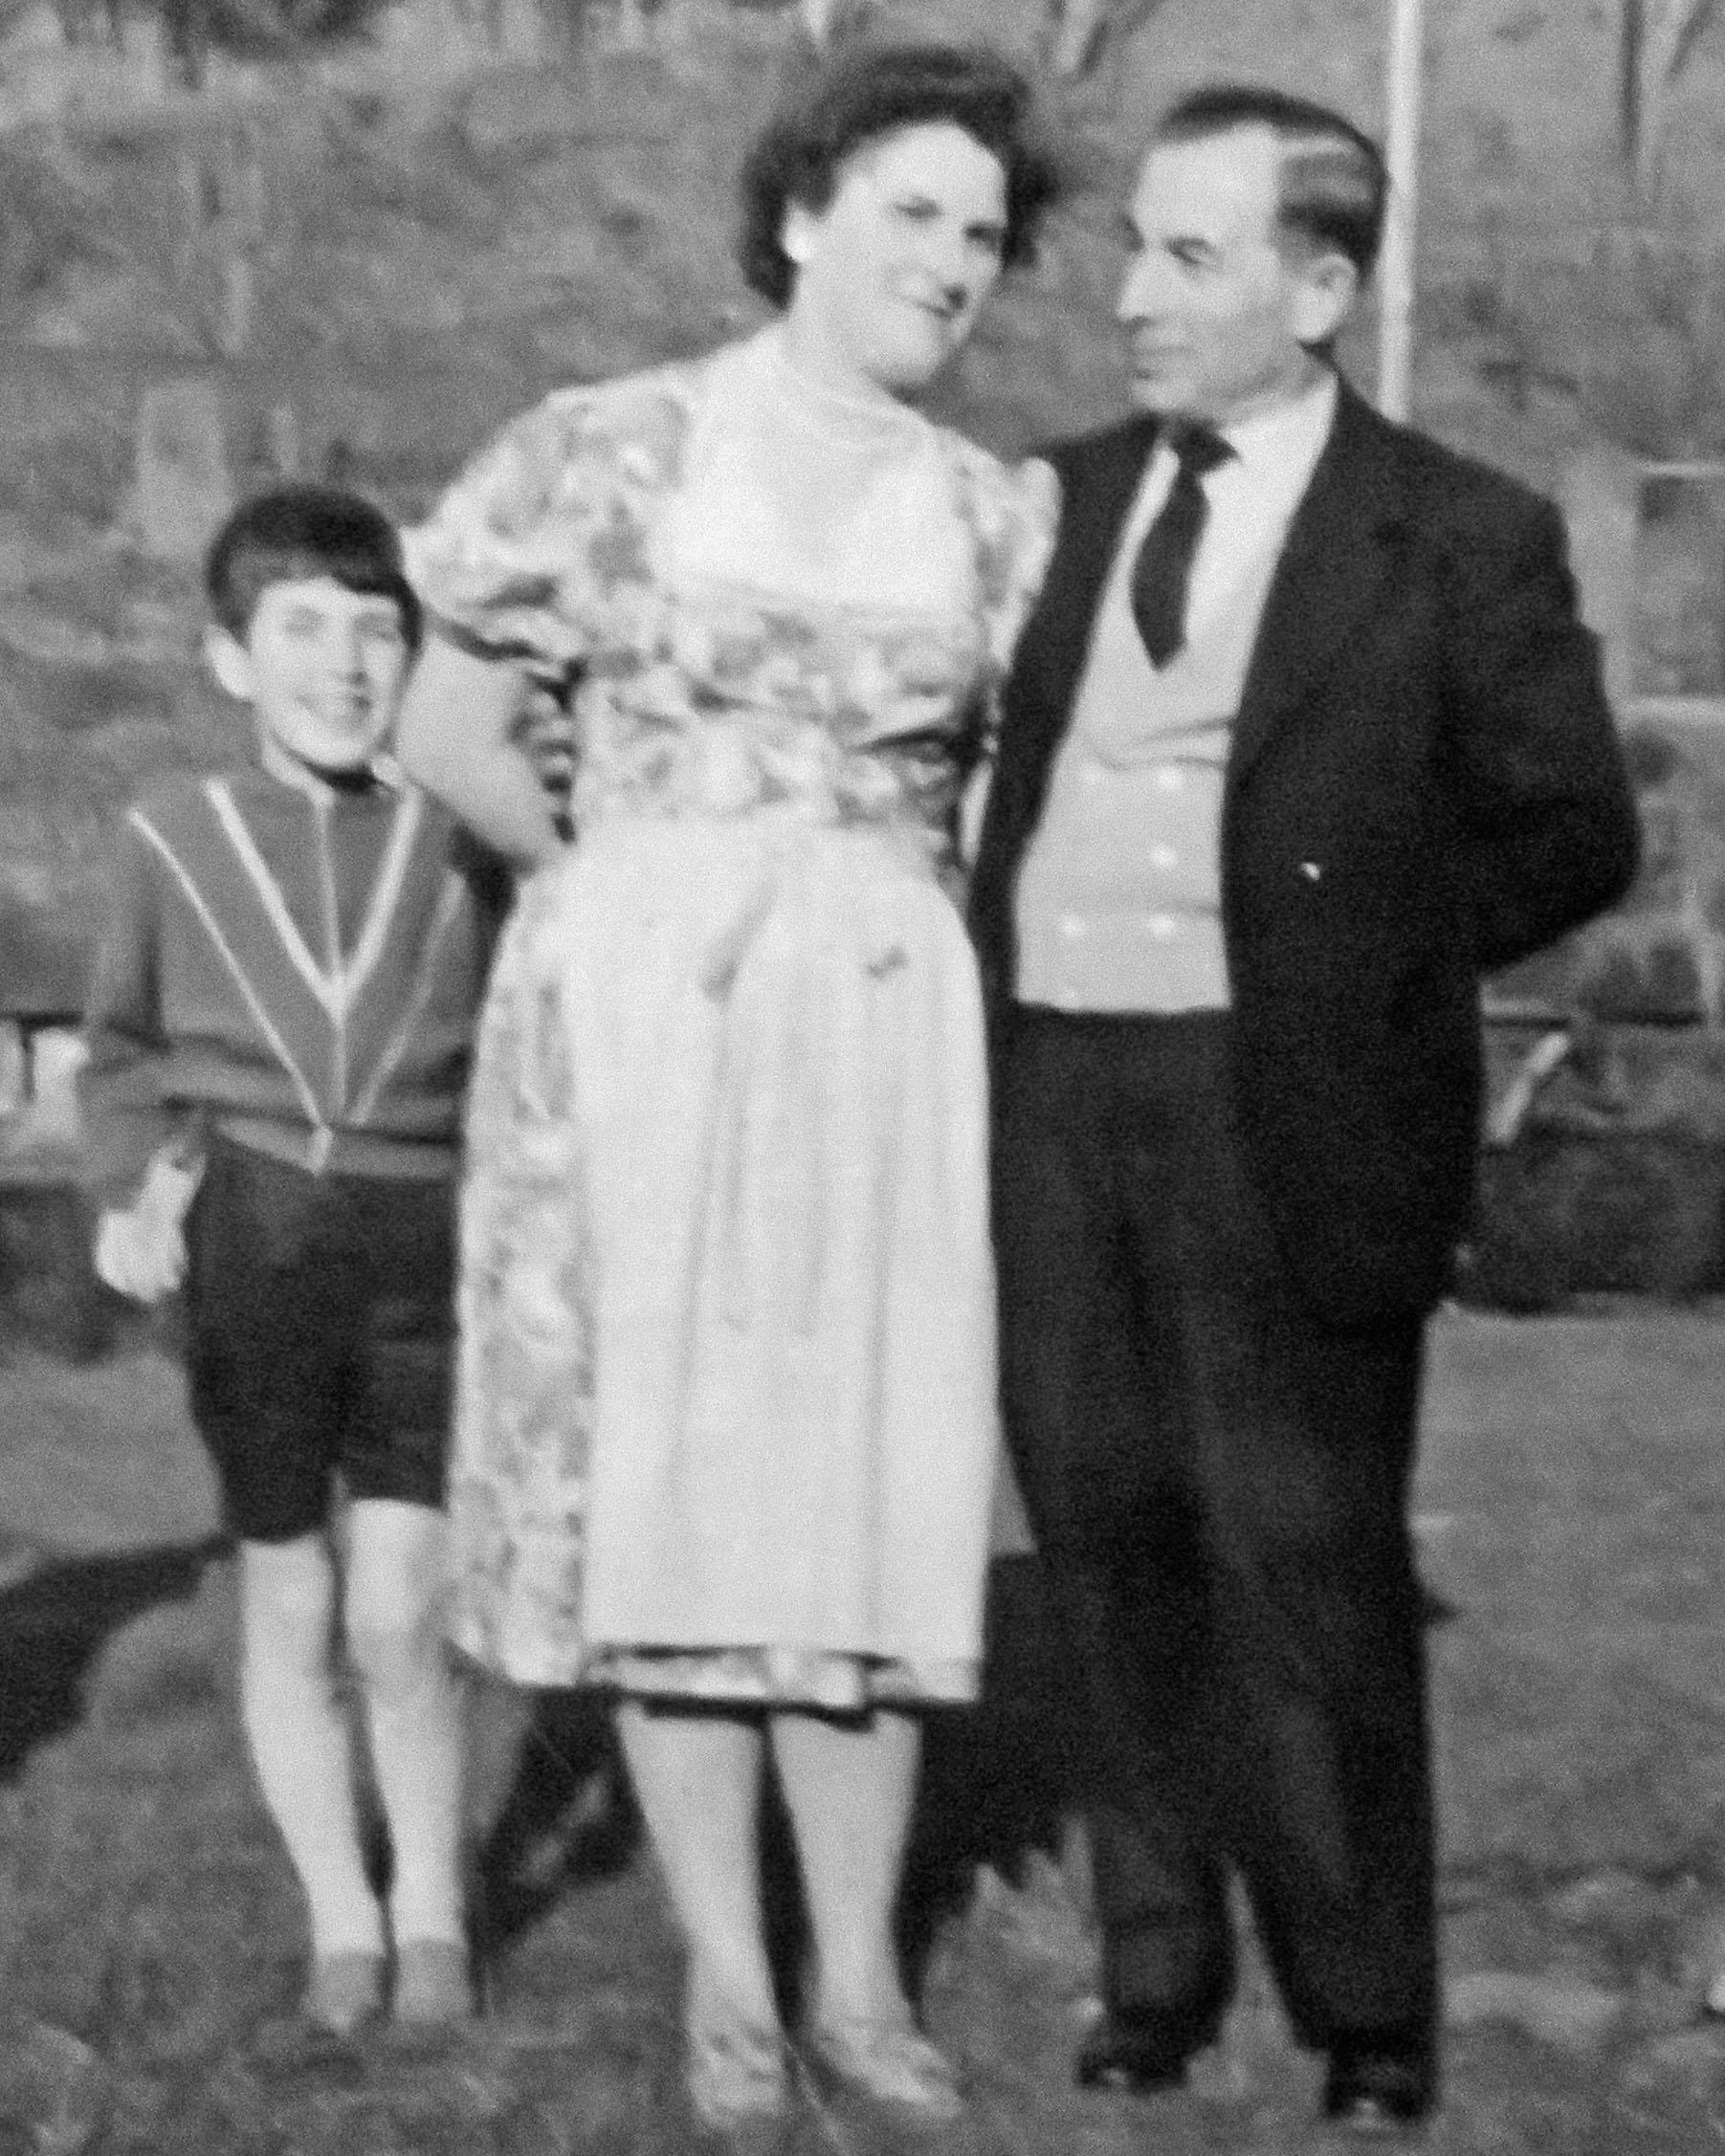 Unser-Onkel-Karl-und-unsere-Großmutter-Martha